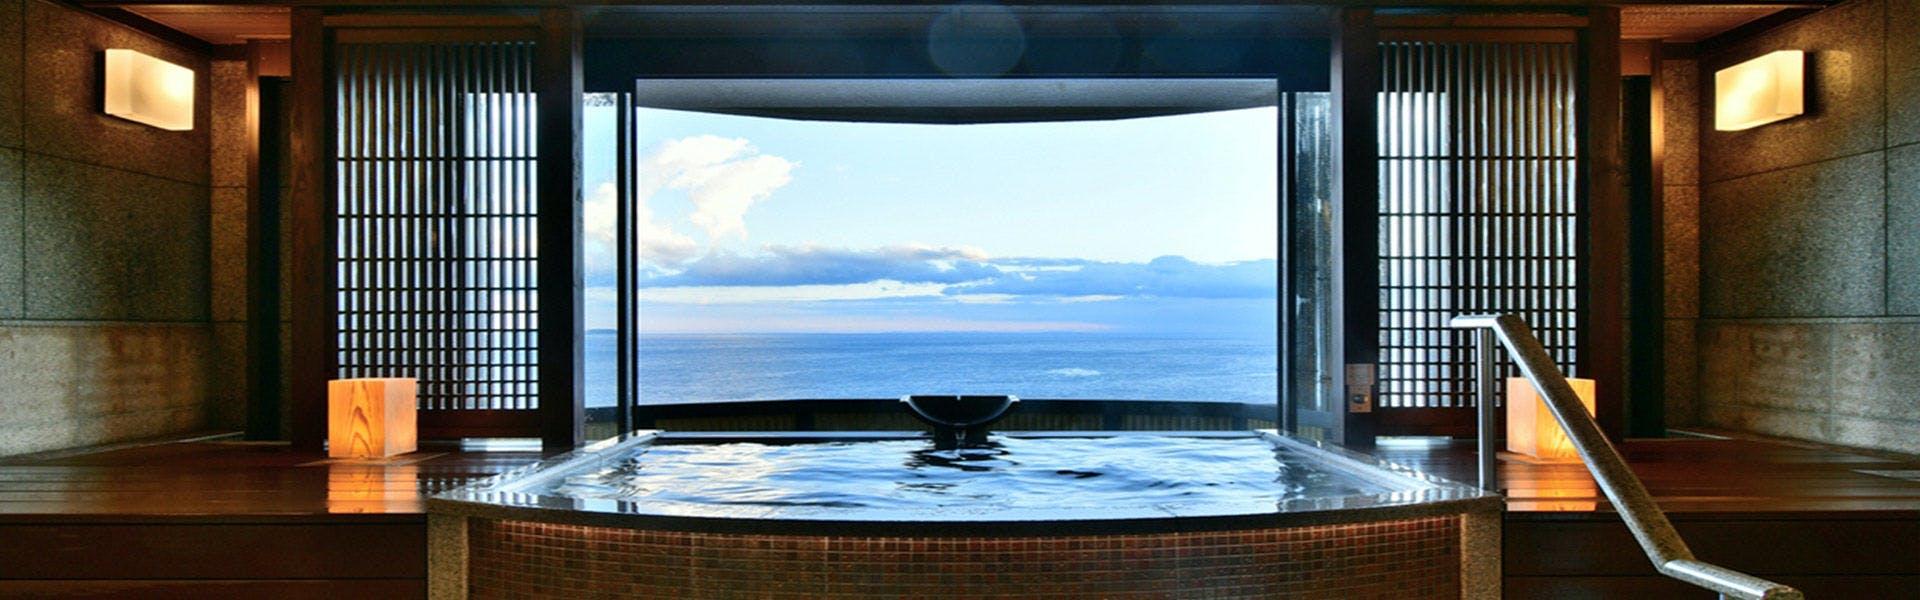 記念日におすすめのホテル・ラグジュアリー 和 ホテル風の薫の写真1